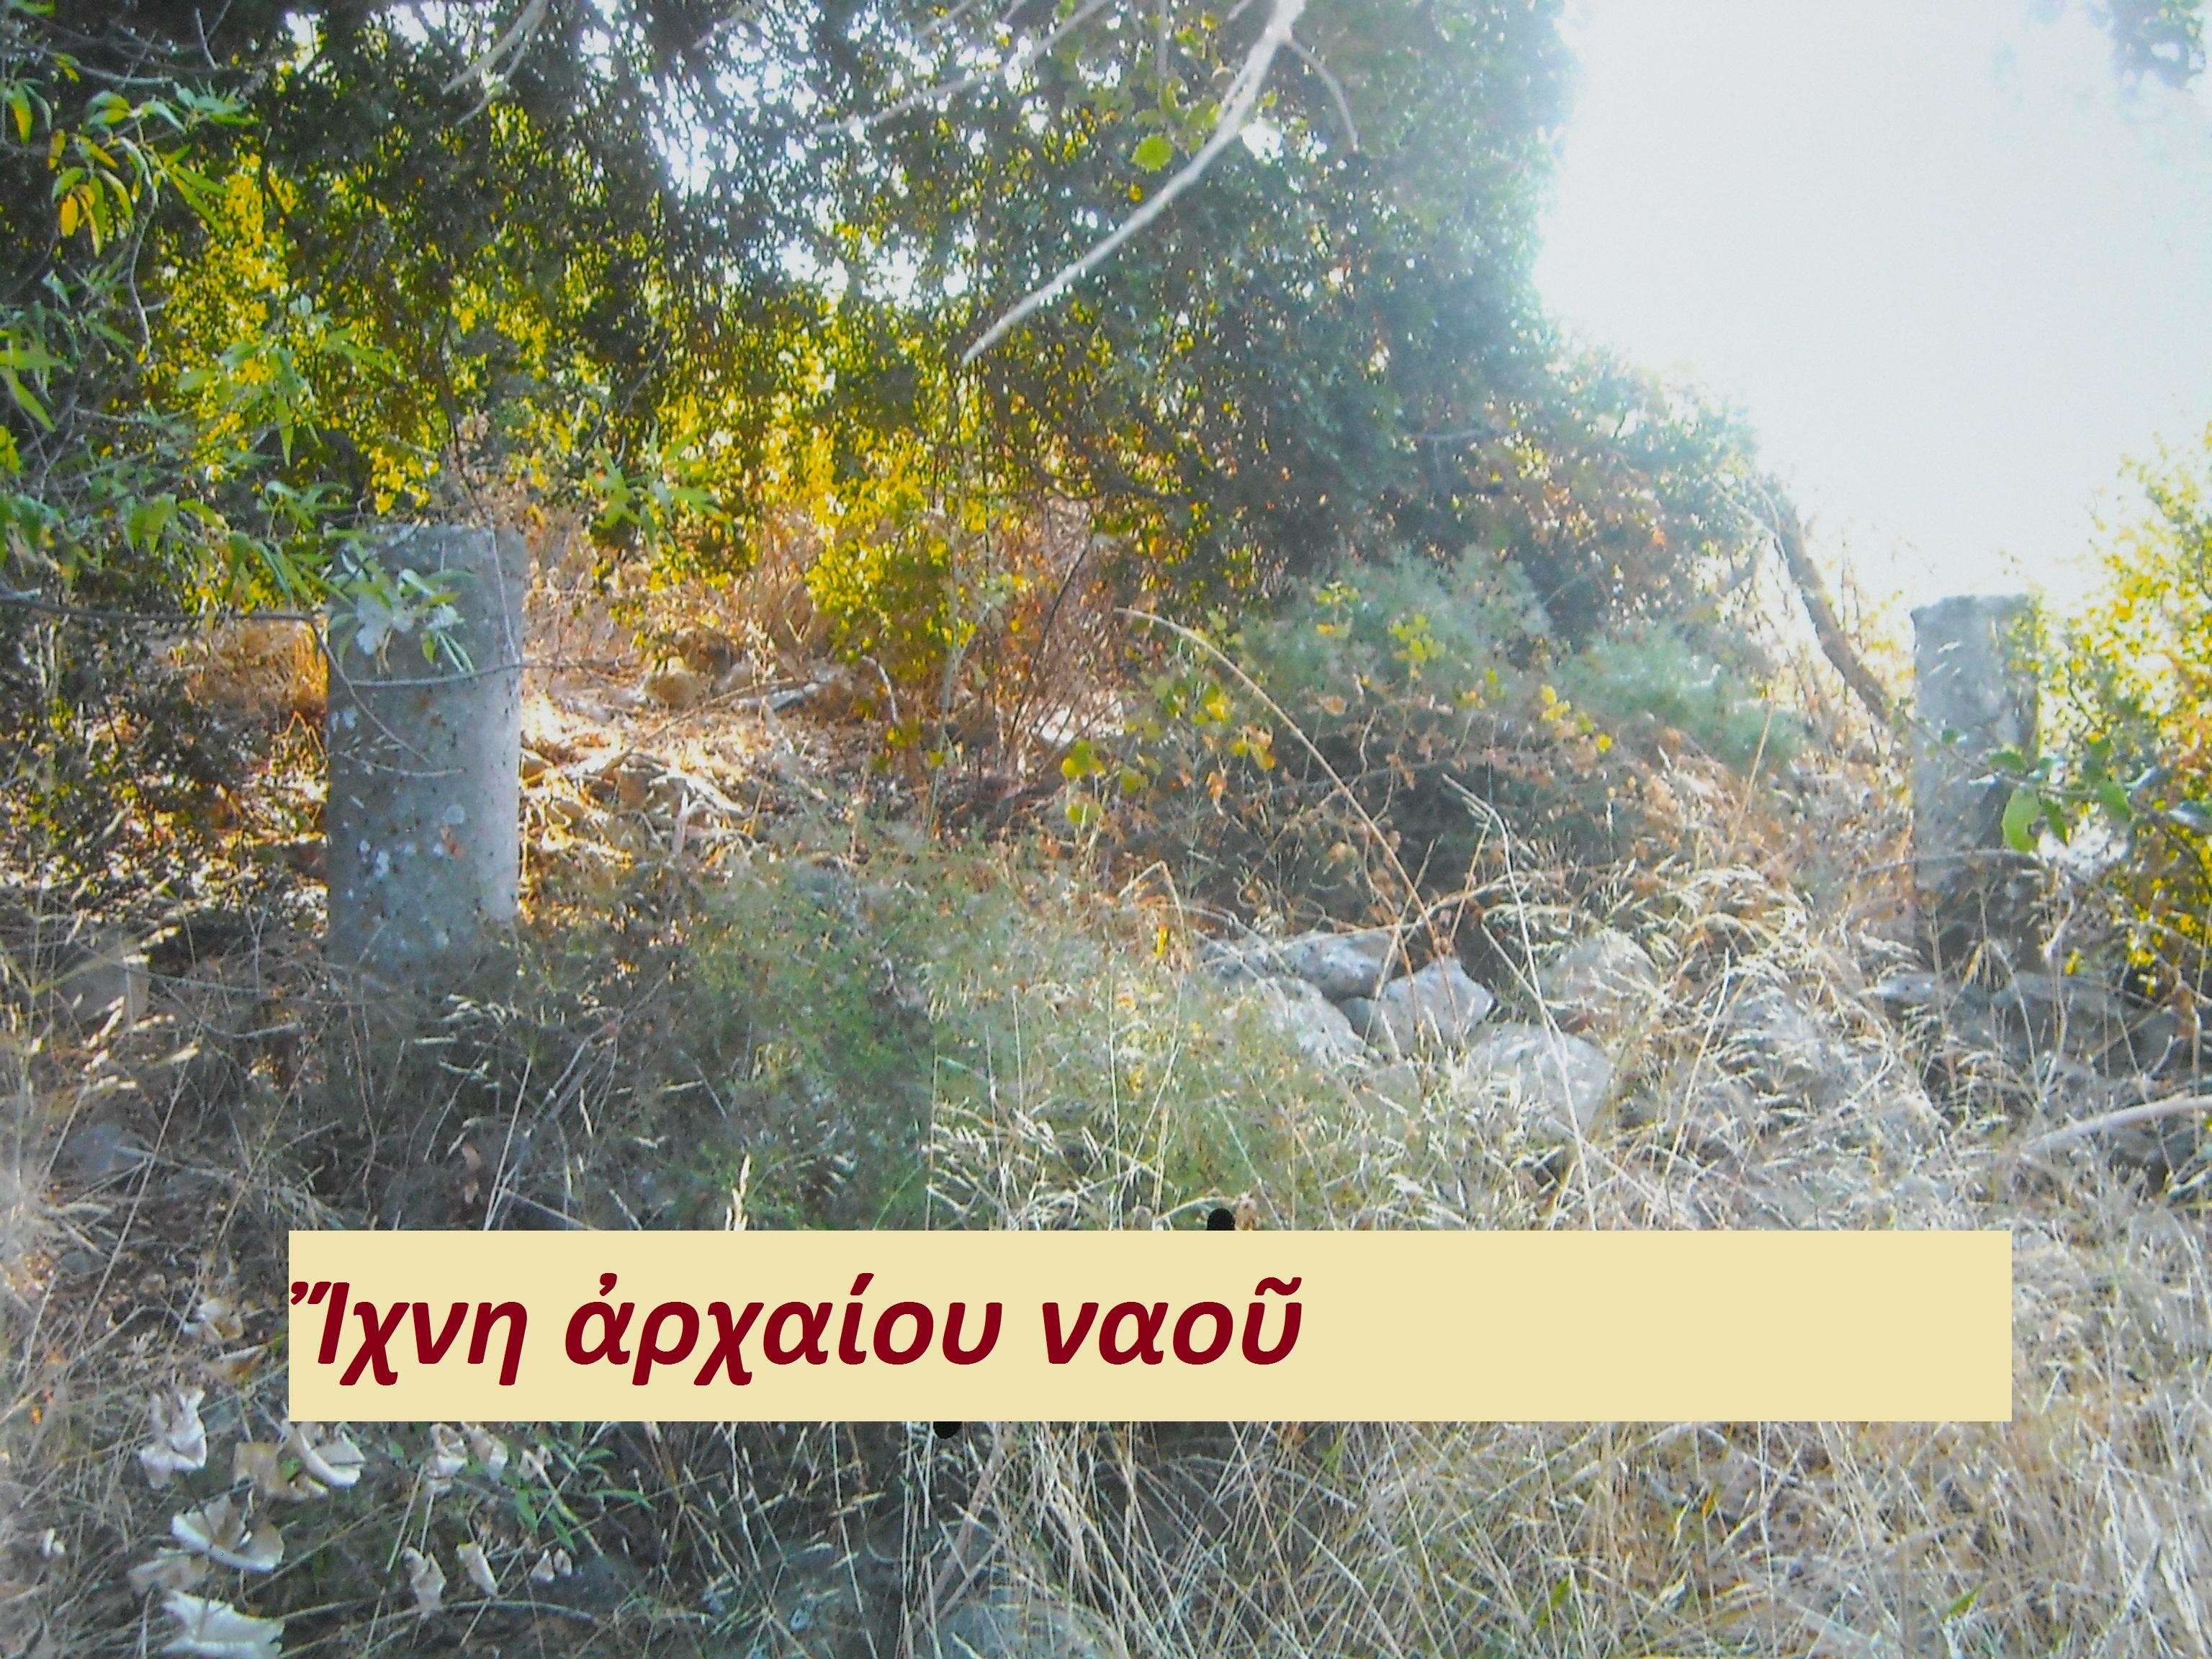 Ἡ ἀρχαία Κυρτώνη καὶ ἡ ἔρις γιὰ τὴν θέση της.13